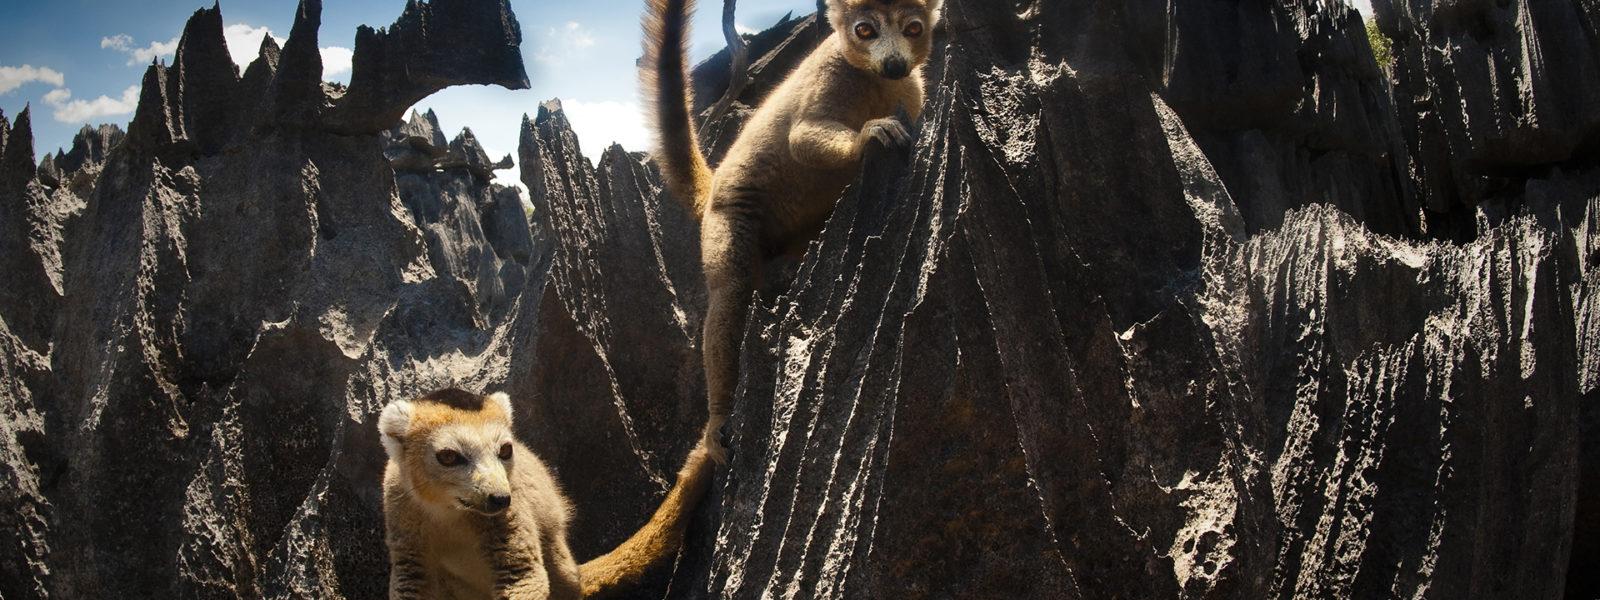 Madagascar_102_1920x1080